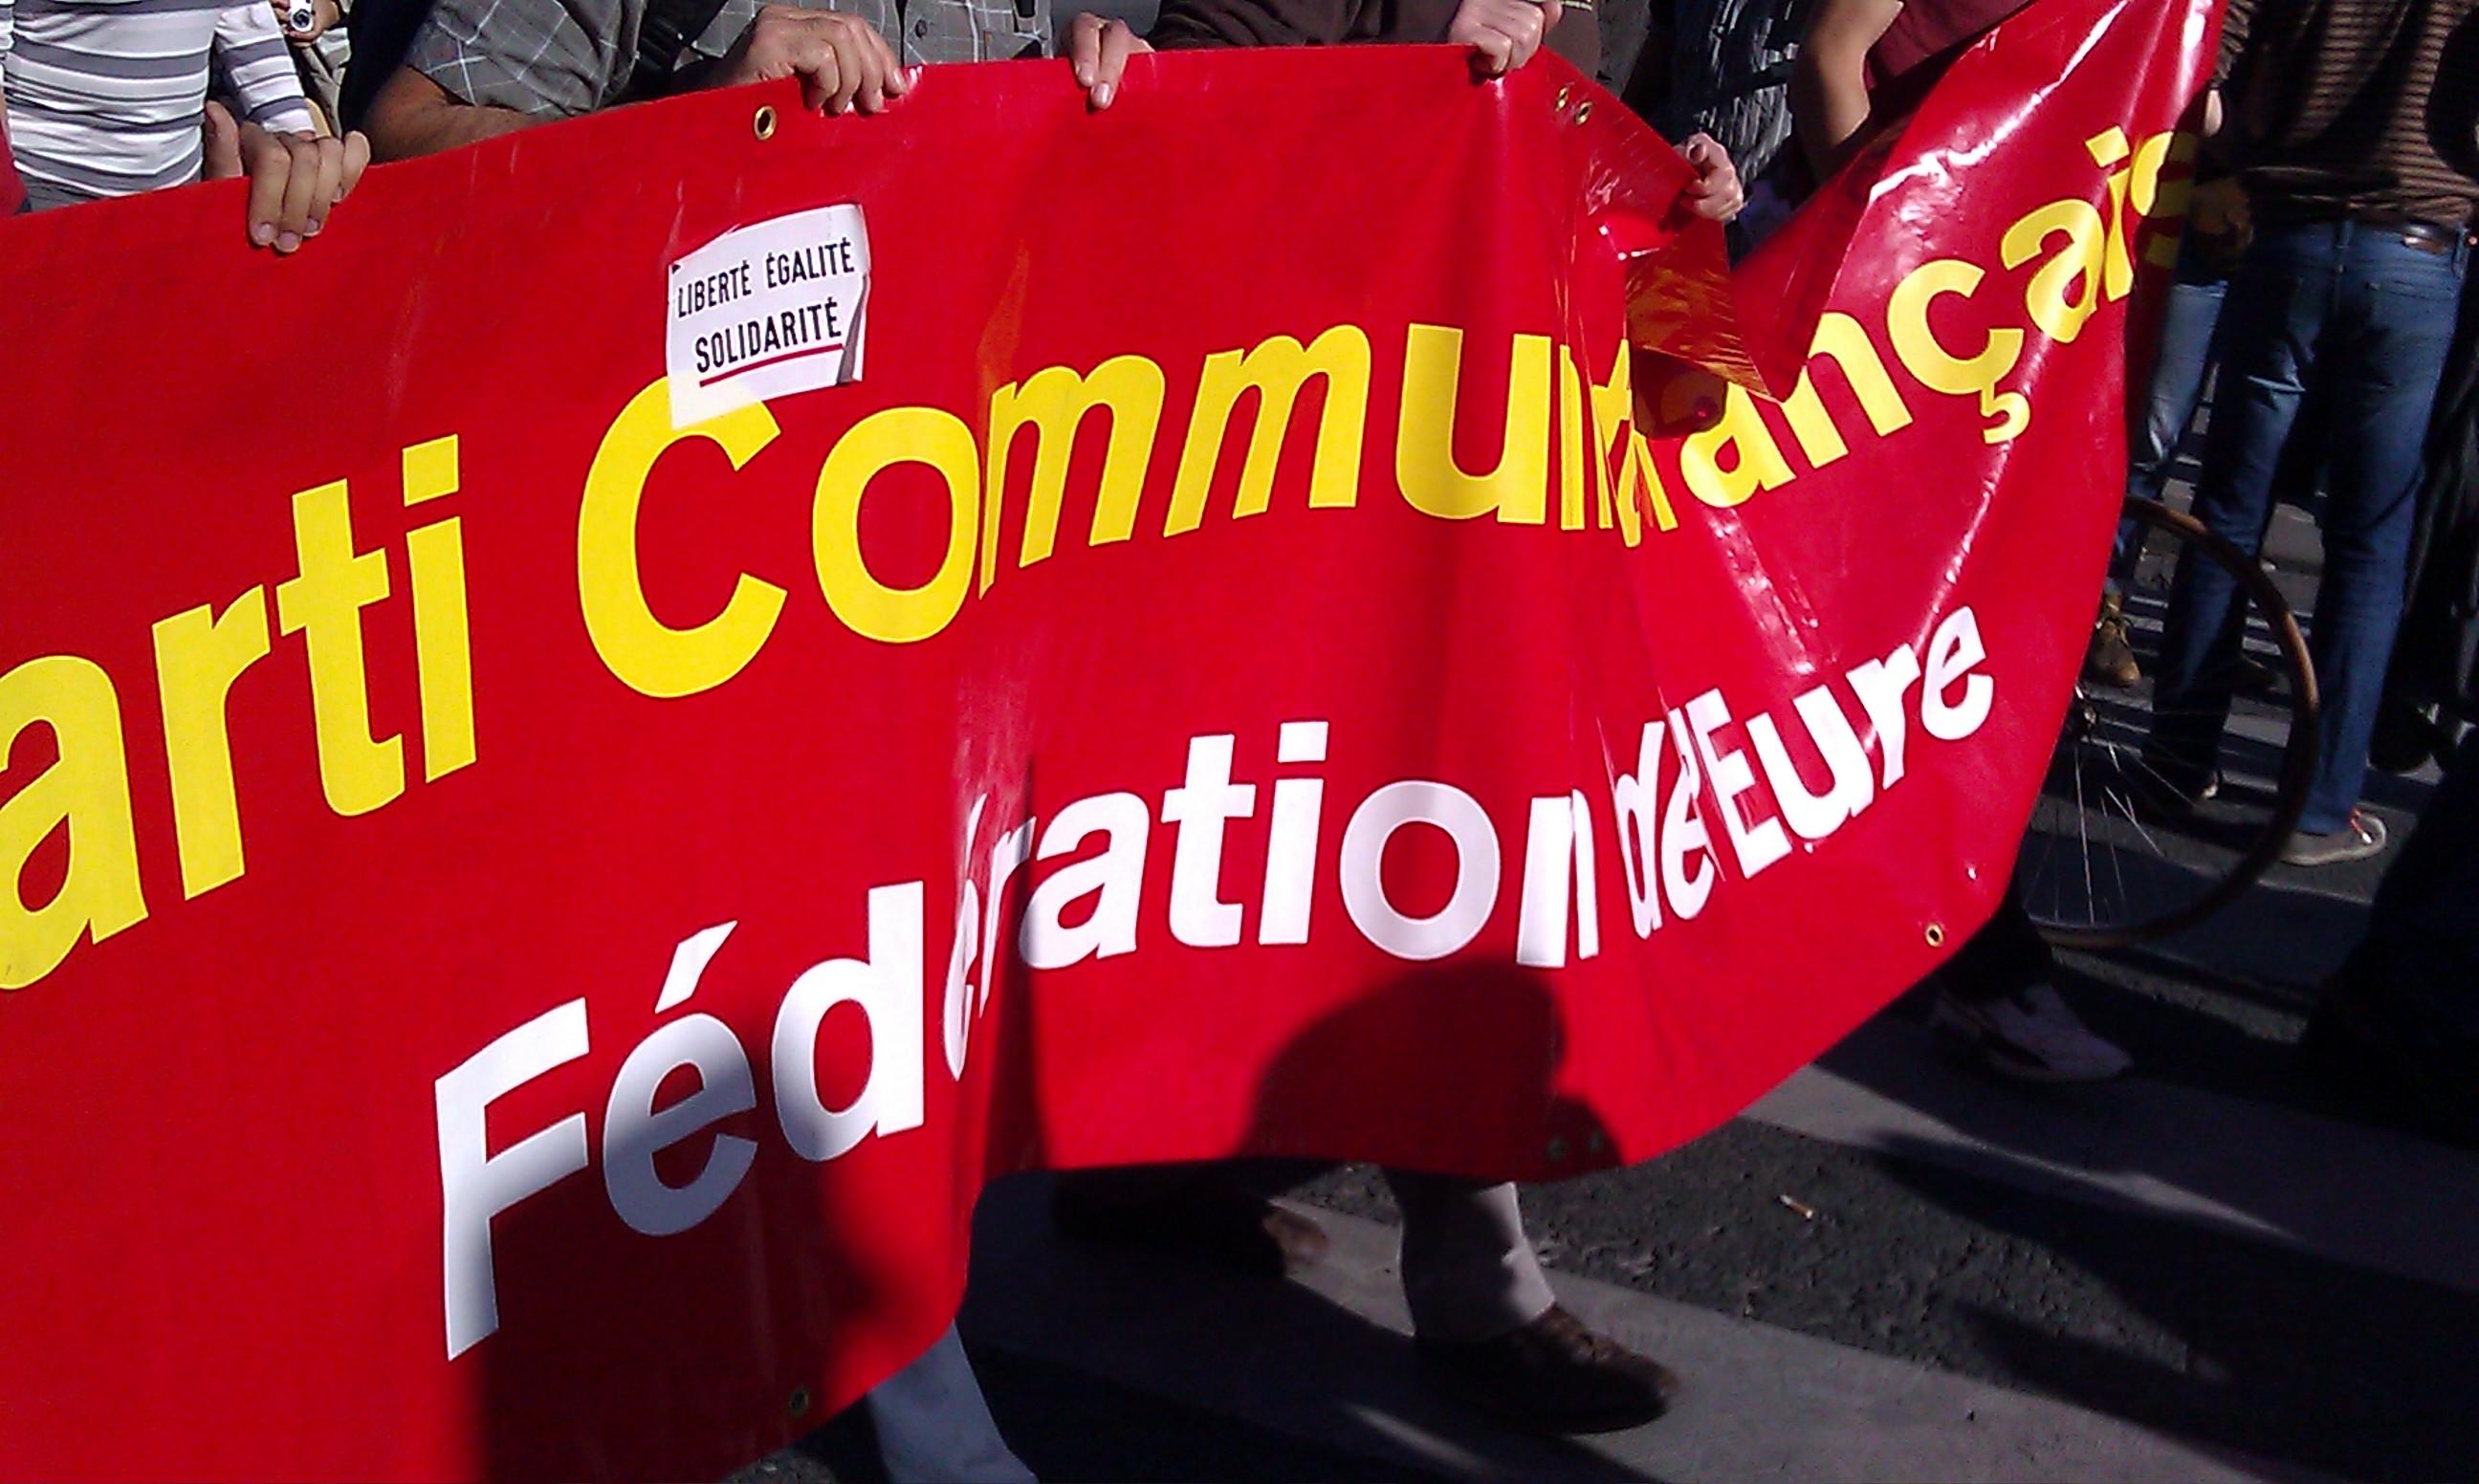 PCF fédération de l'Eure [PCF federation of the Eure]